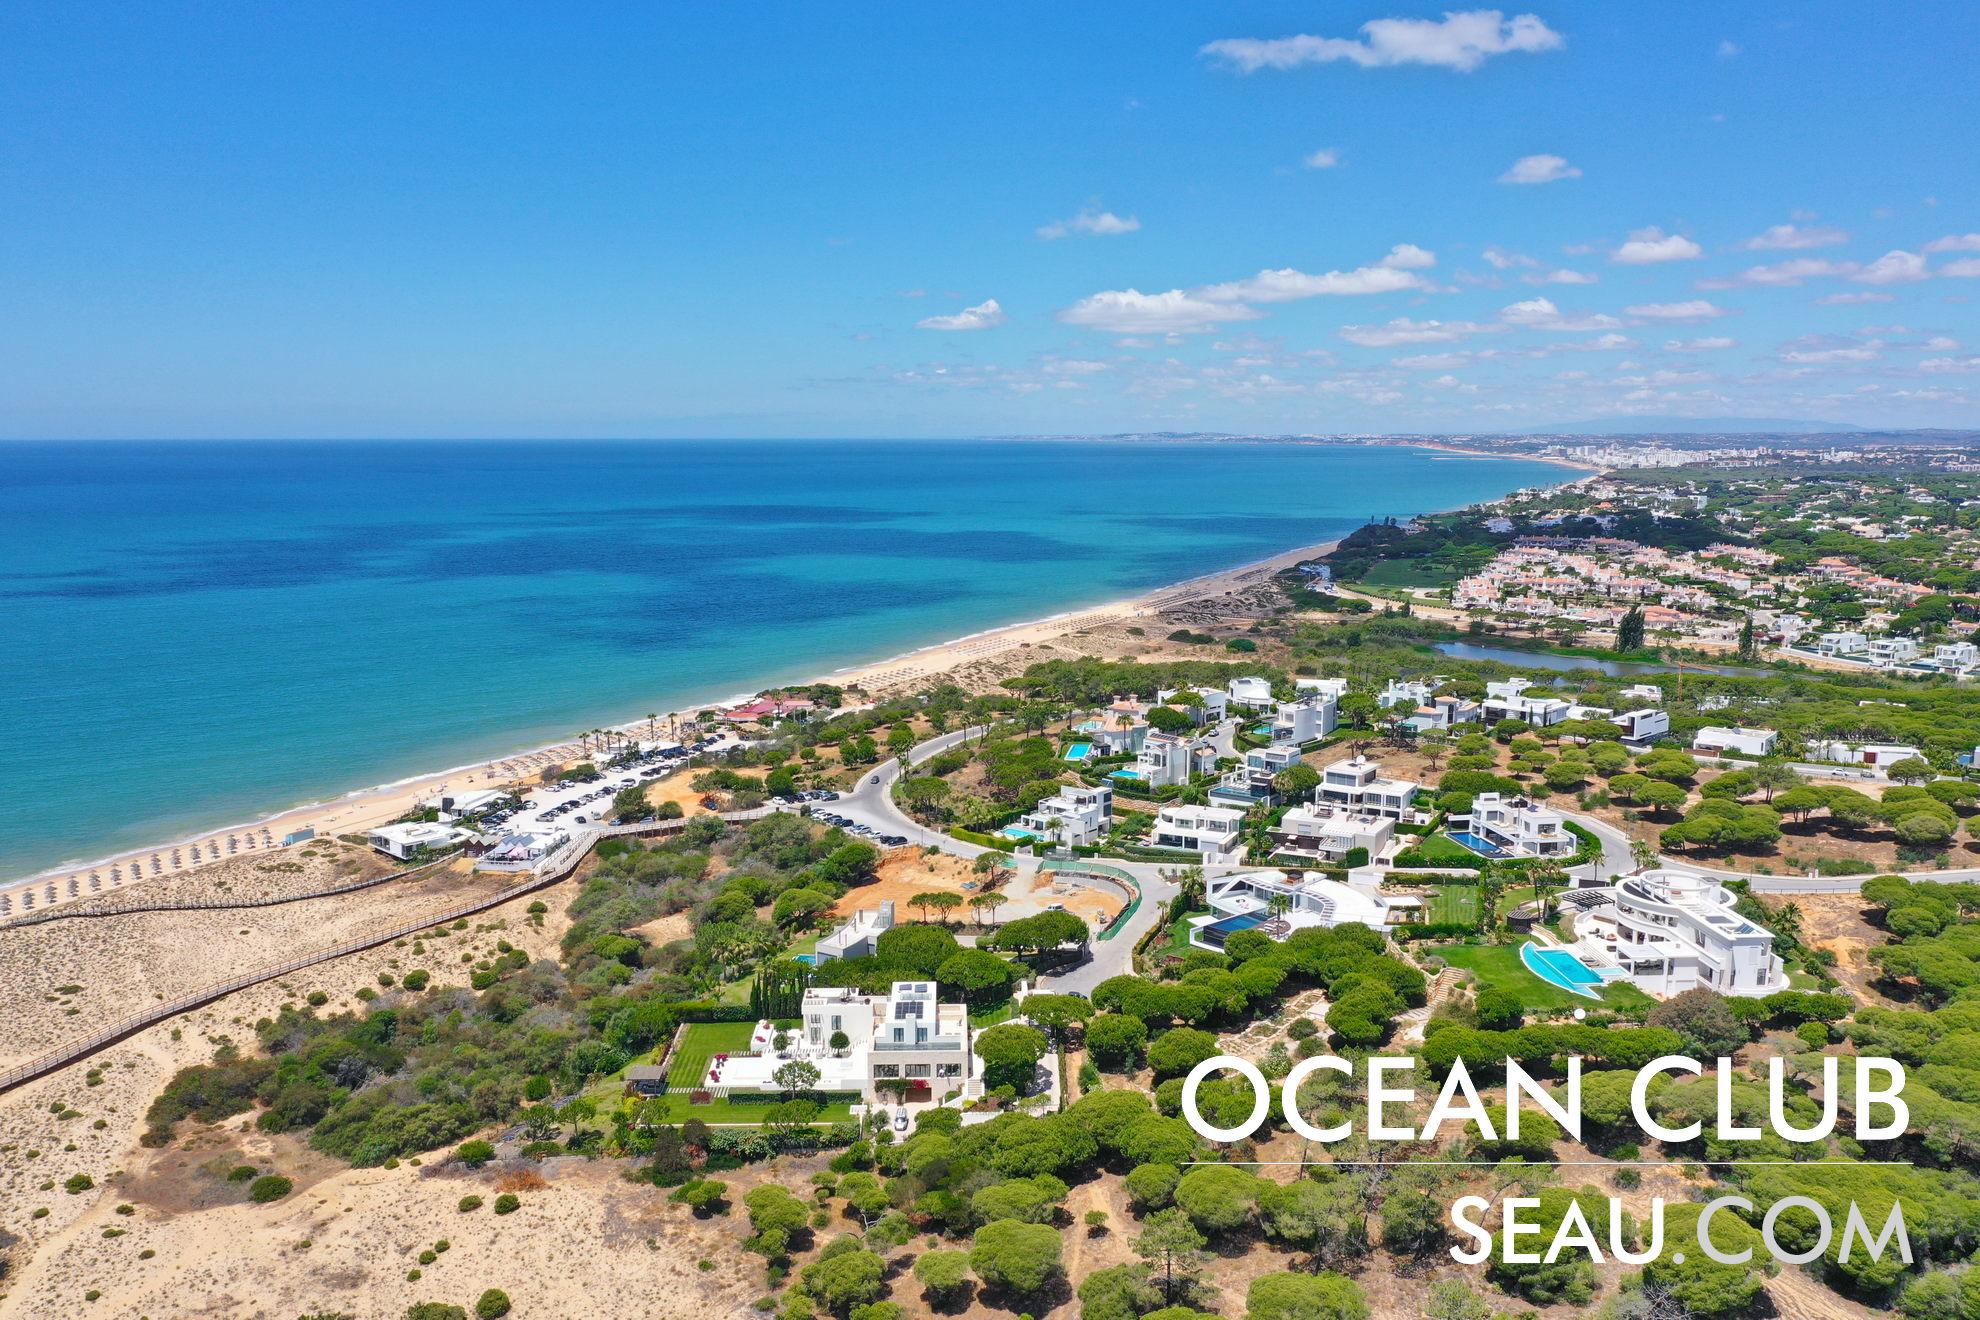 Ocean Club in Vale do Lobo, einer der prestigeträchtigsten Wohngegenden in Portugal, aufgrund der Umstände der Exzellenzlage in einzigartiger Nähe zum Meer, große Grundstücke für den Bau von High-End-Immobilien in Vale de Lobo, ein Top-Golf- und Strandresort in Portugal mit luxuriösen Dienstleistungen.